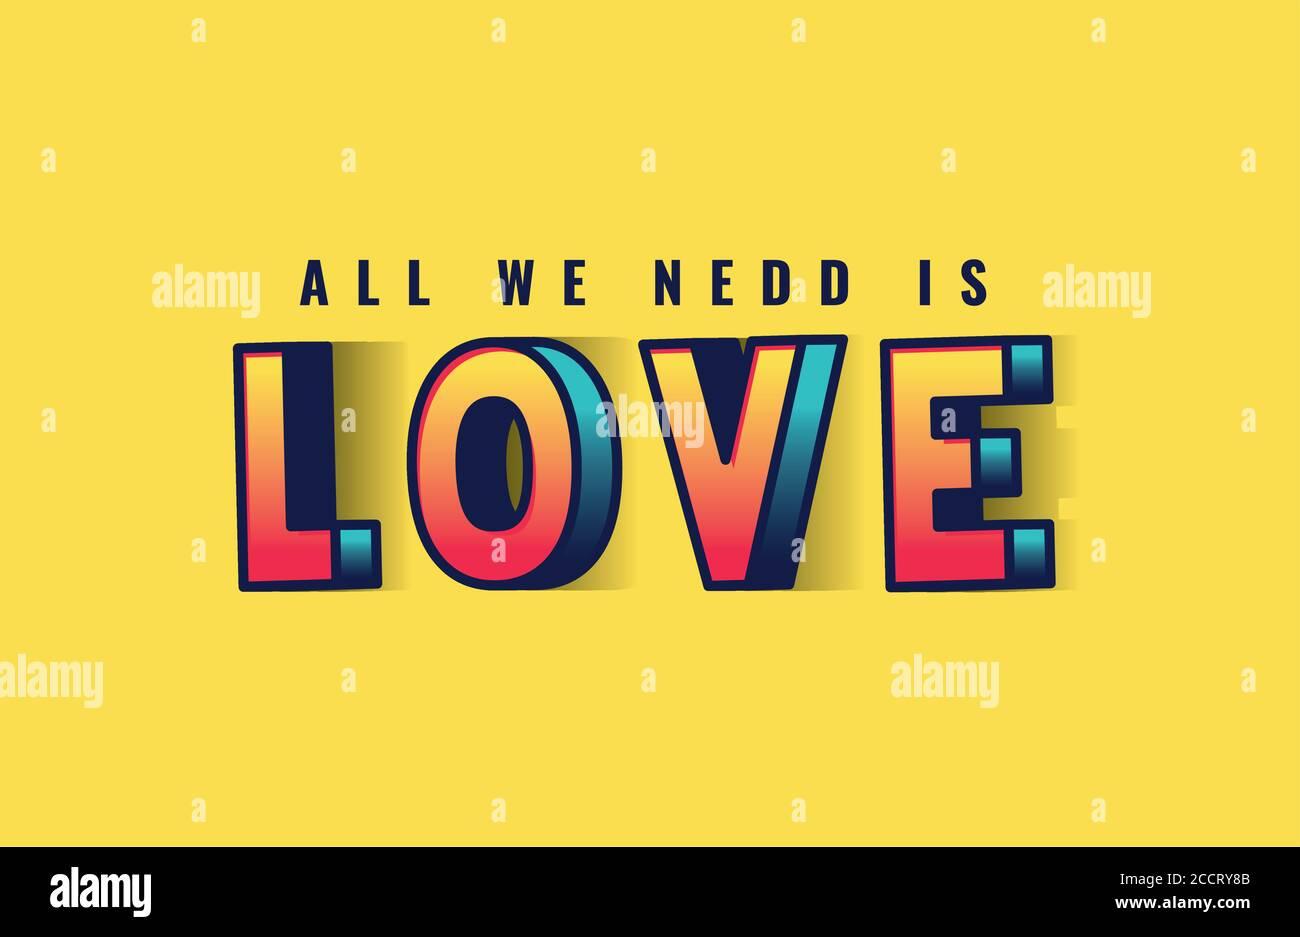 Tout ce dont vous avez besoin est le lettrage d'amour sur fond jaune, la typographie rétro et le thème de la bande dessinée illustration vectorielle Illustration de Vecteur